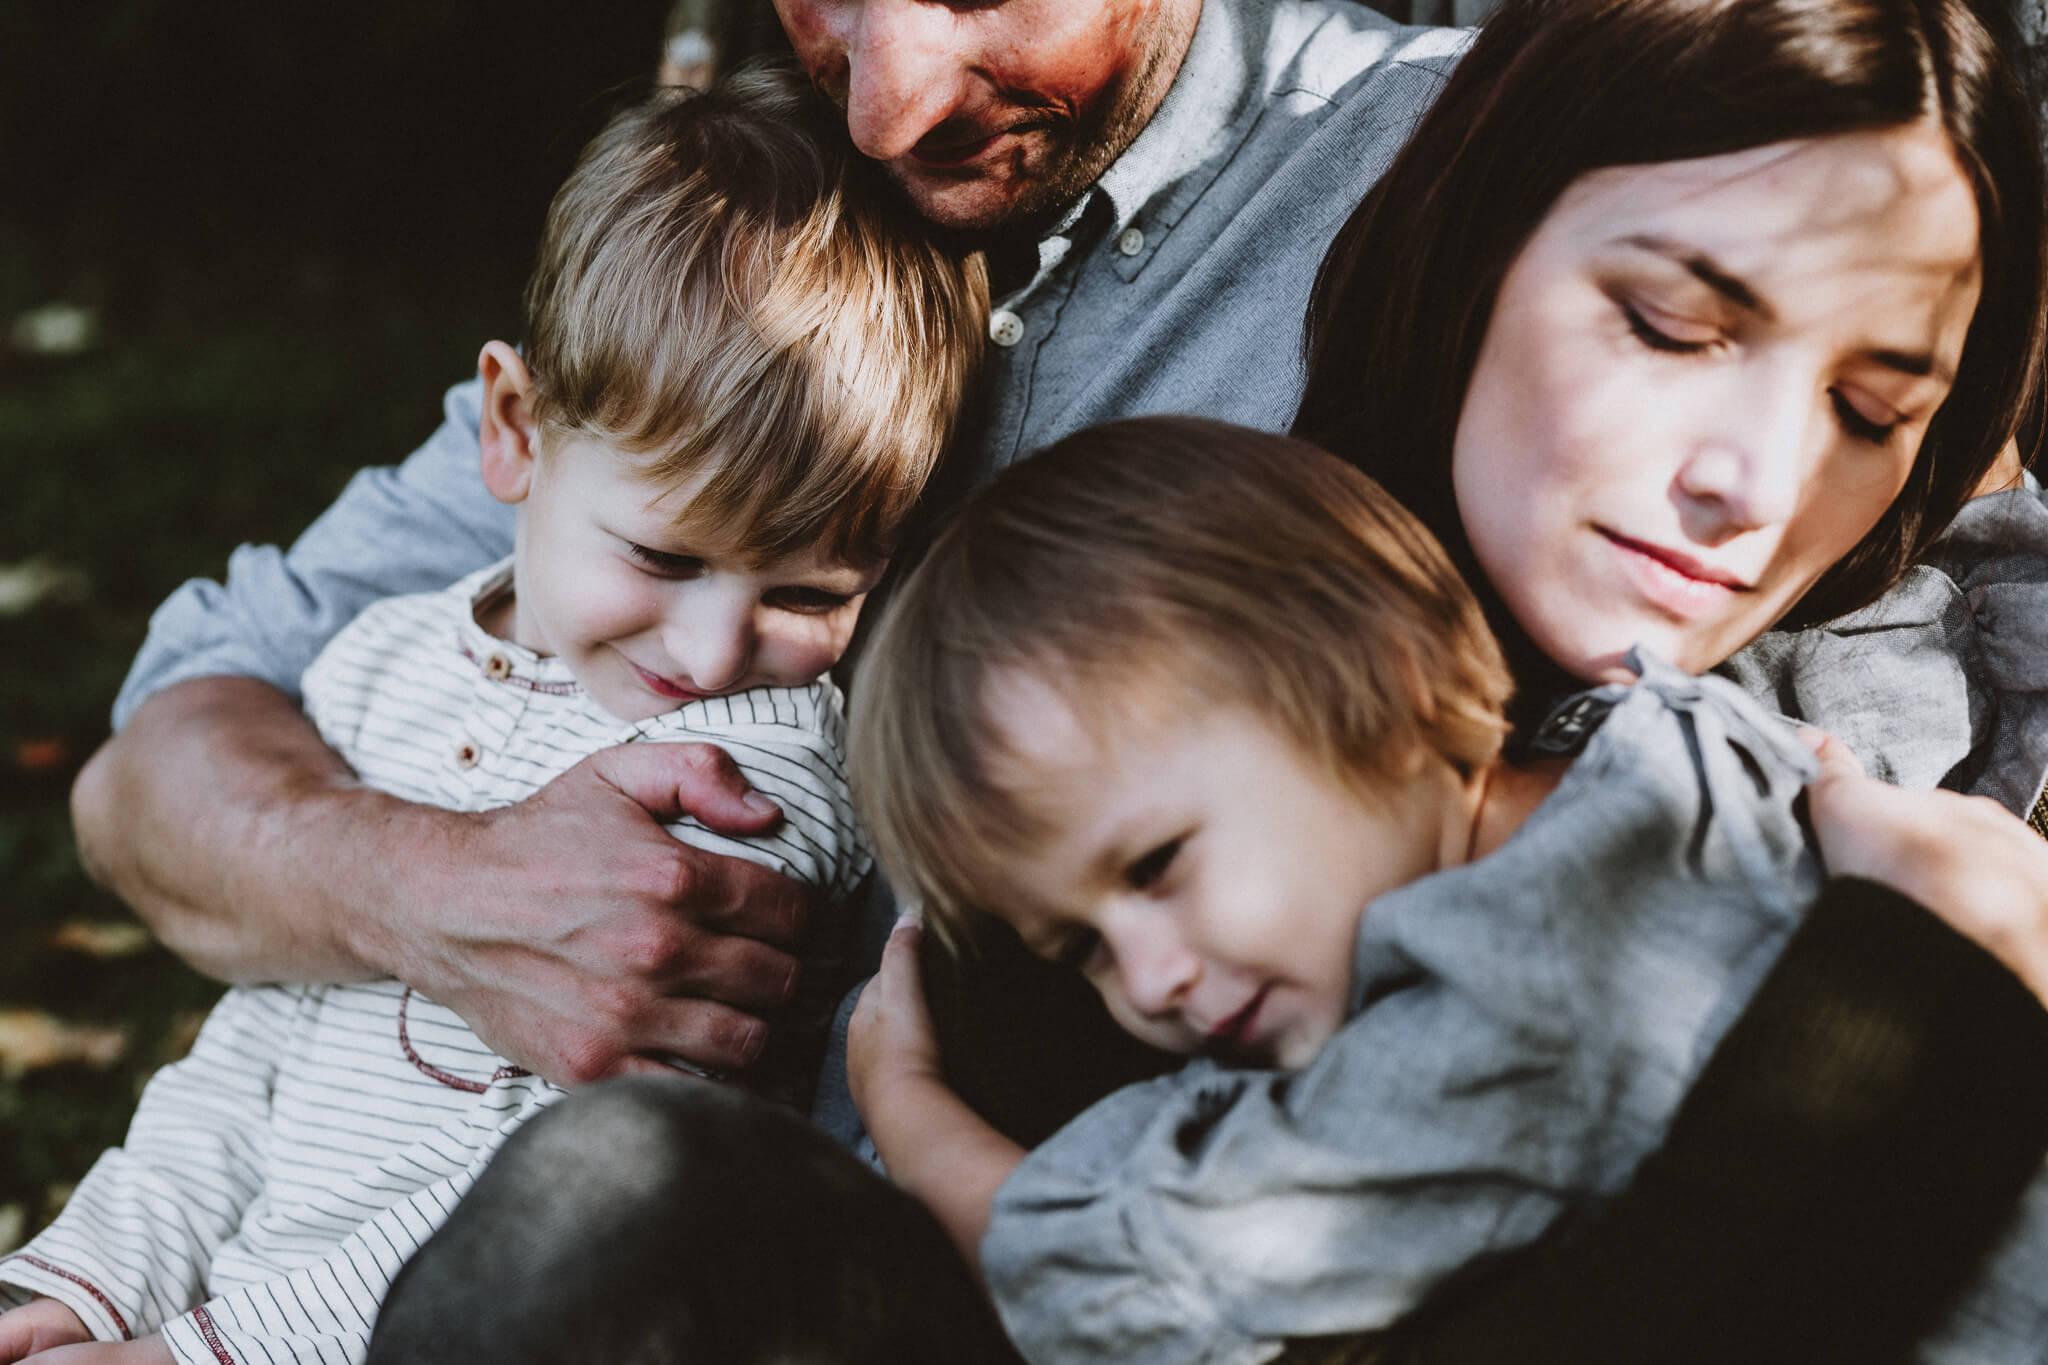 Elustiili foto perest, kus on ema, isa, poeg ja tütar üksteise kõrval